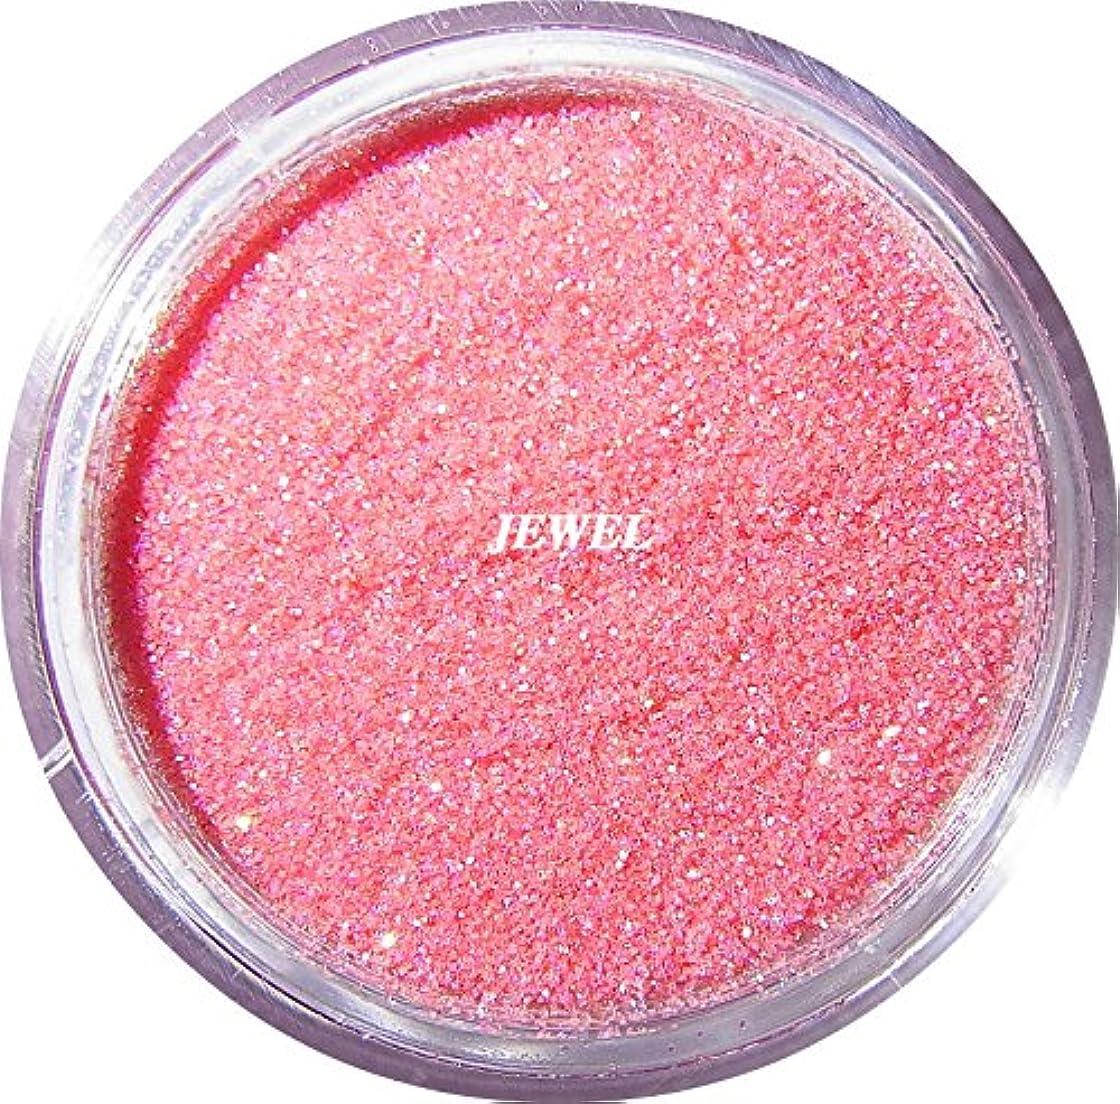 縁石詐欺水素【jewel】 超微粒子ラメパウダーたっぷり2g入り 12色から選択可能 レジン&ネイル用 (ベビーピンク)